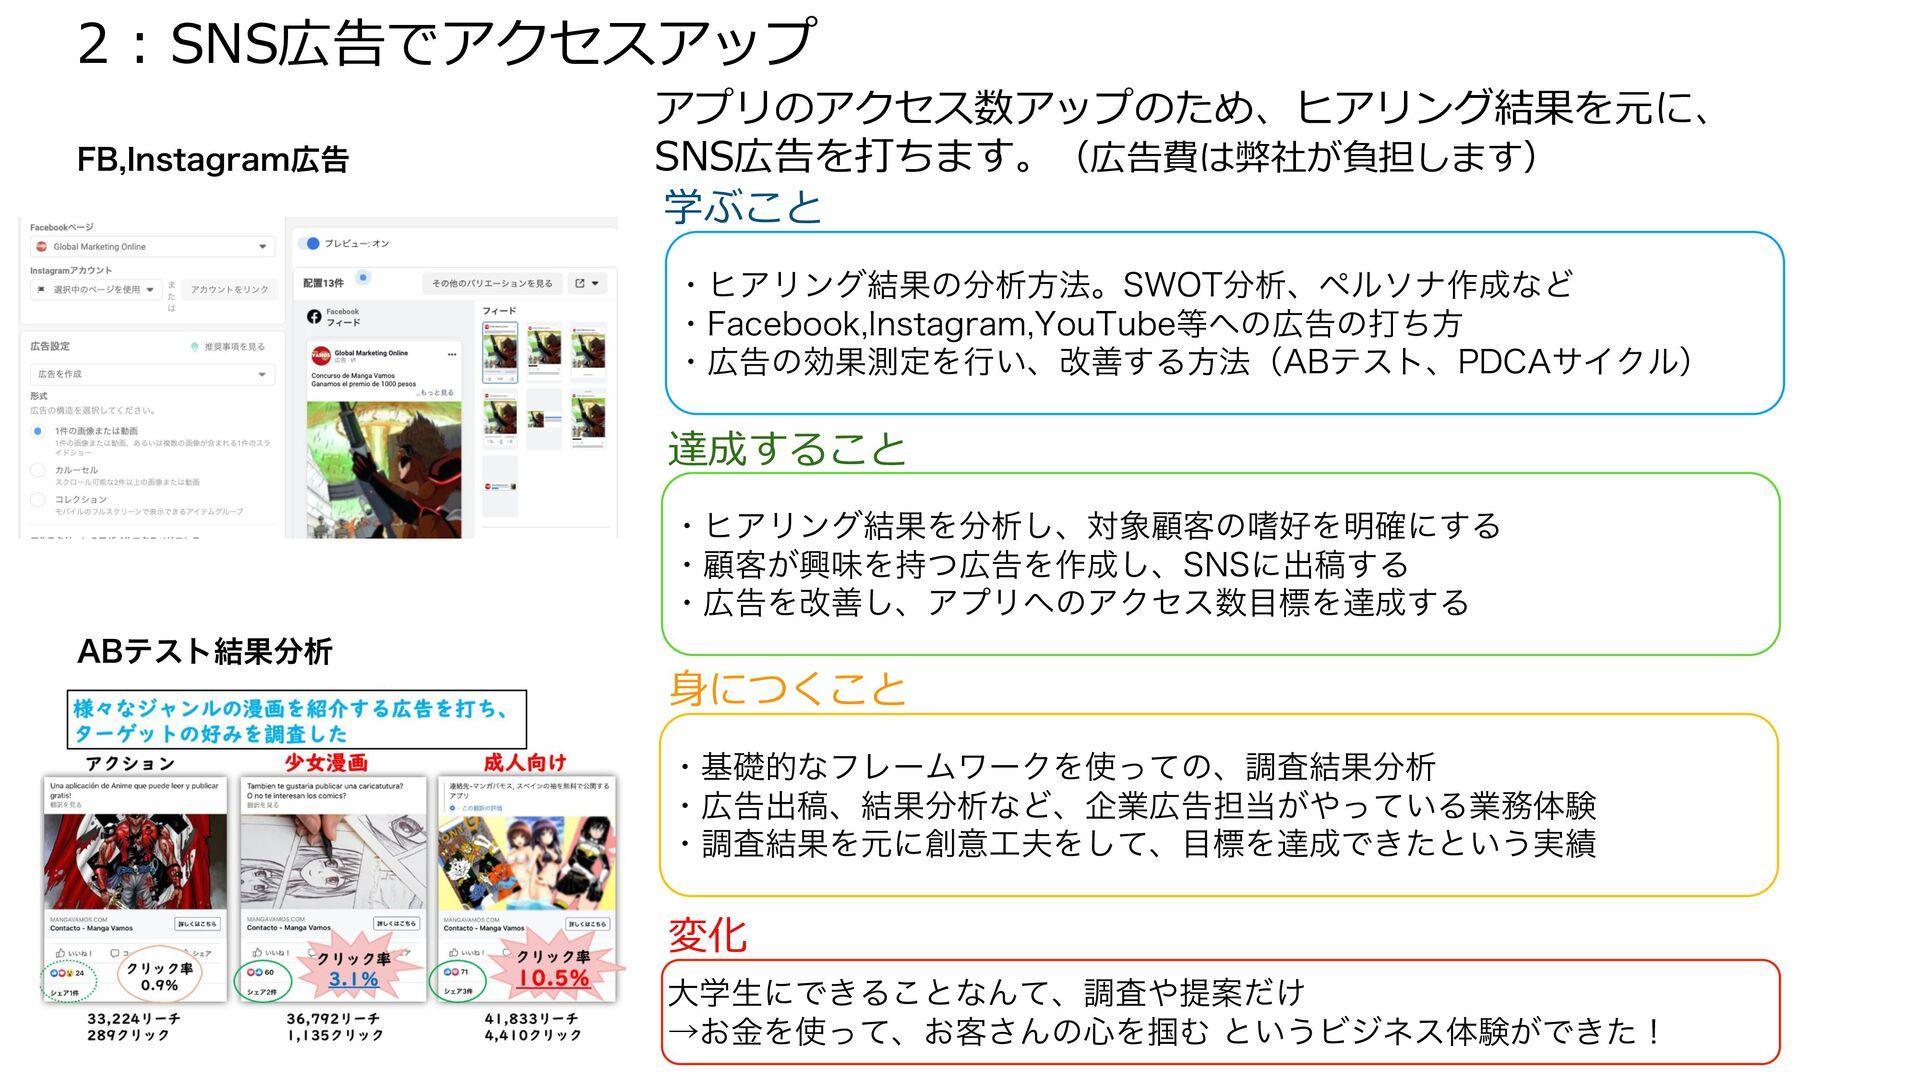 特徴4: 現実にインパクトを与えるビジネスを体験 実在のマンガアプリのプロモーションをするため...